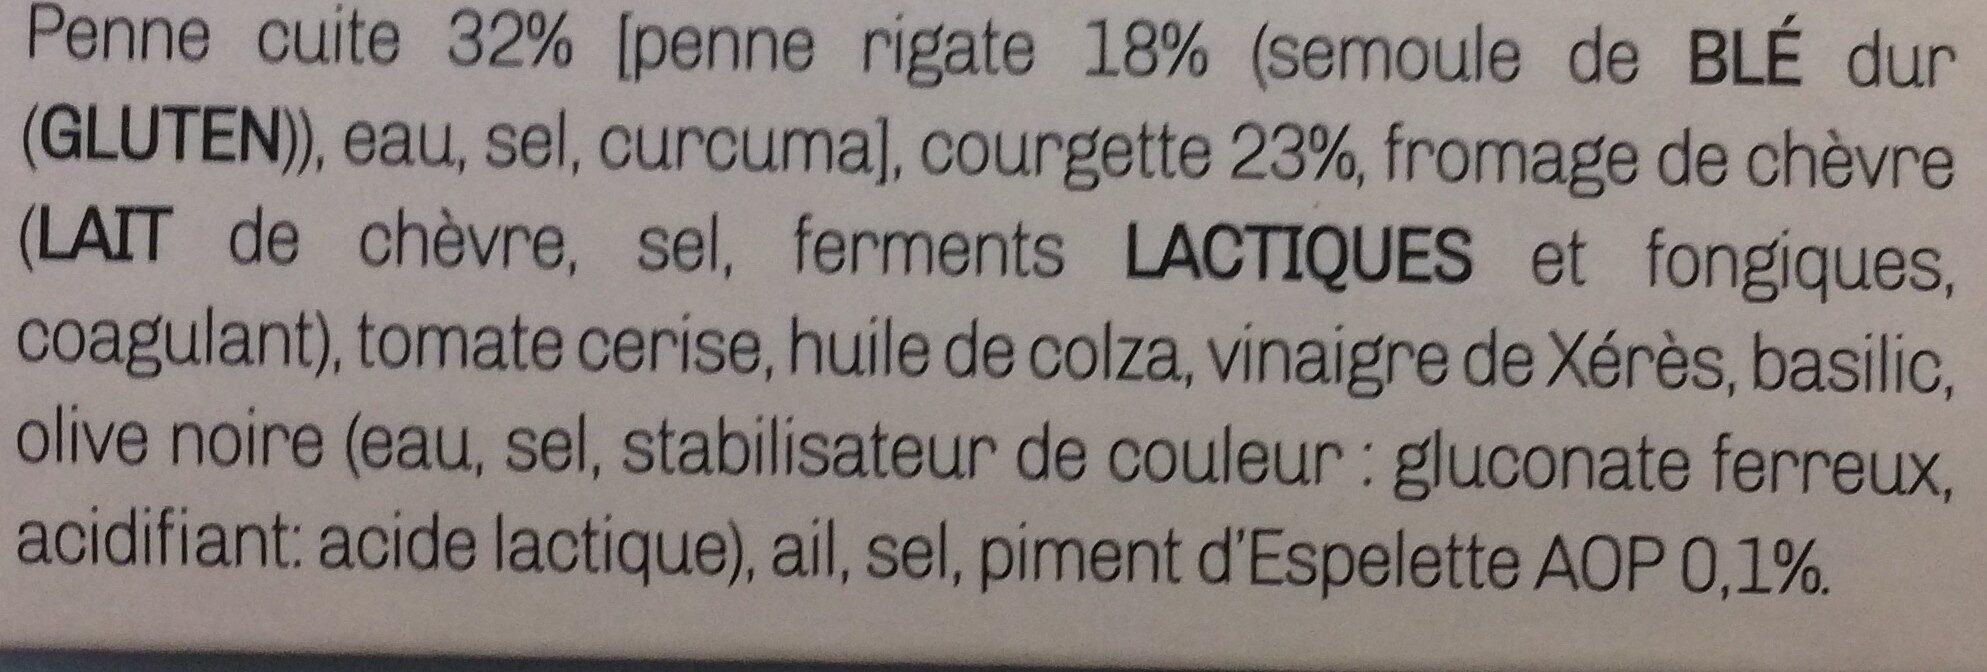 Salade de penne et petits légumes à la mediterranéenne - Ingrédients - fr